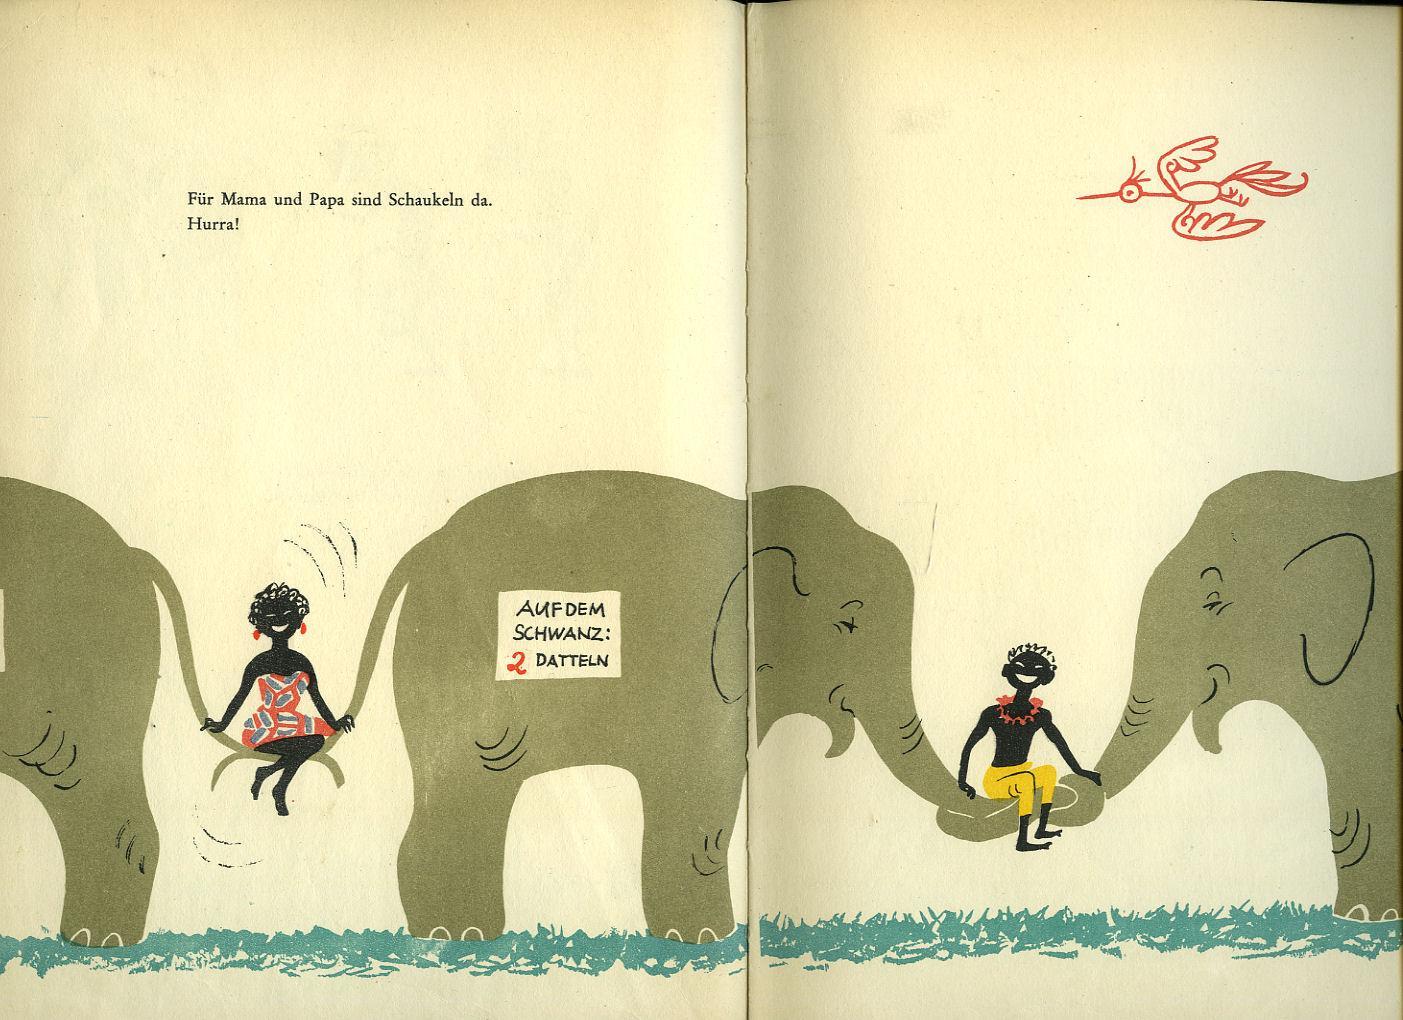 Schwarze Weiße (Weisse) Und Gestreifte Kinder [Black And